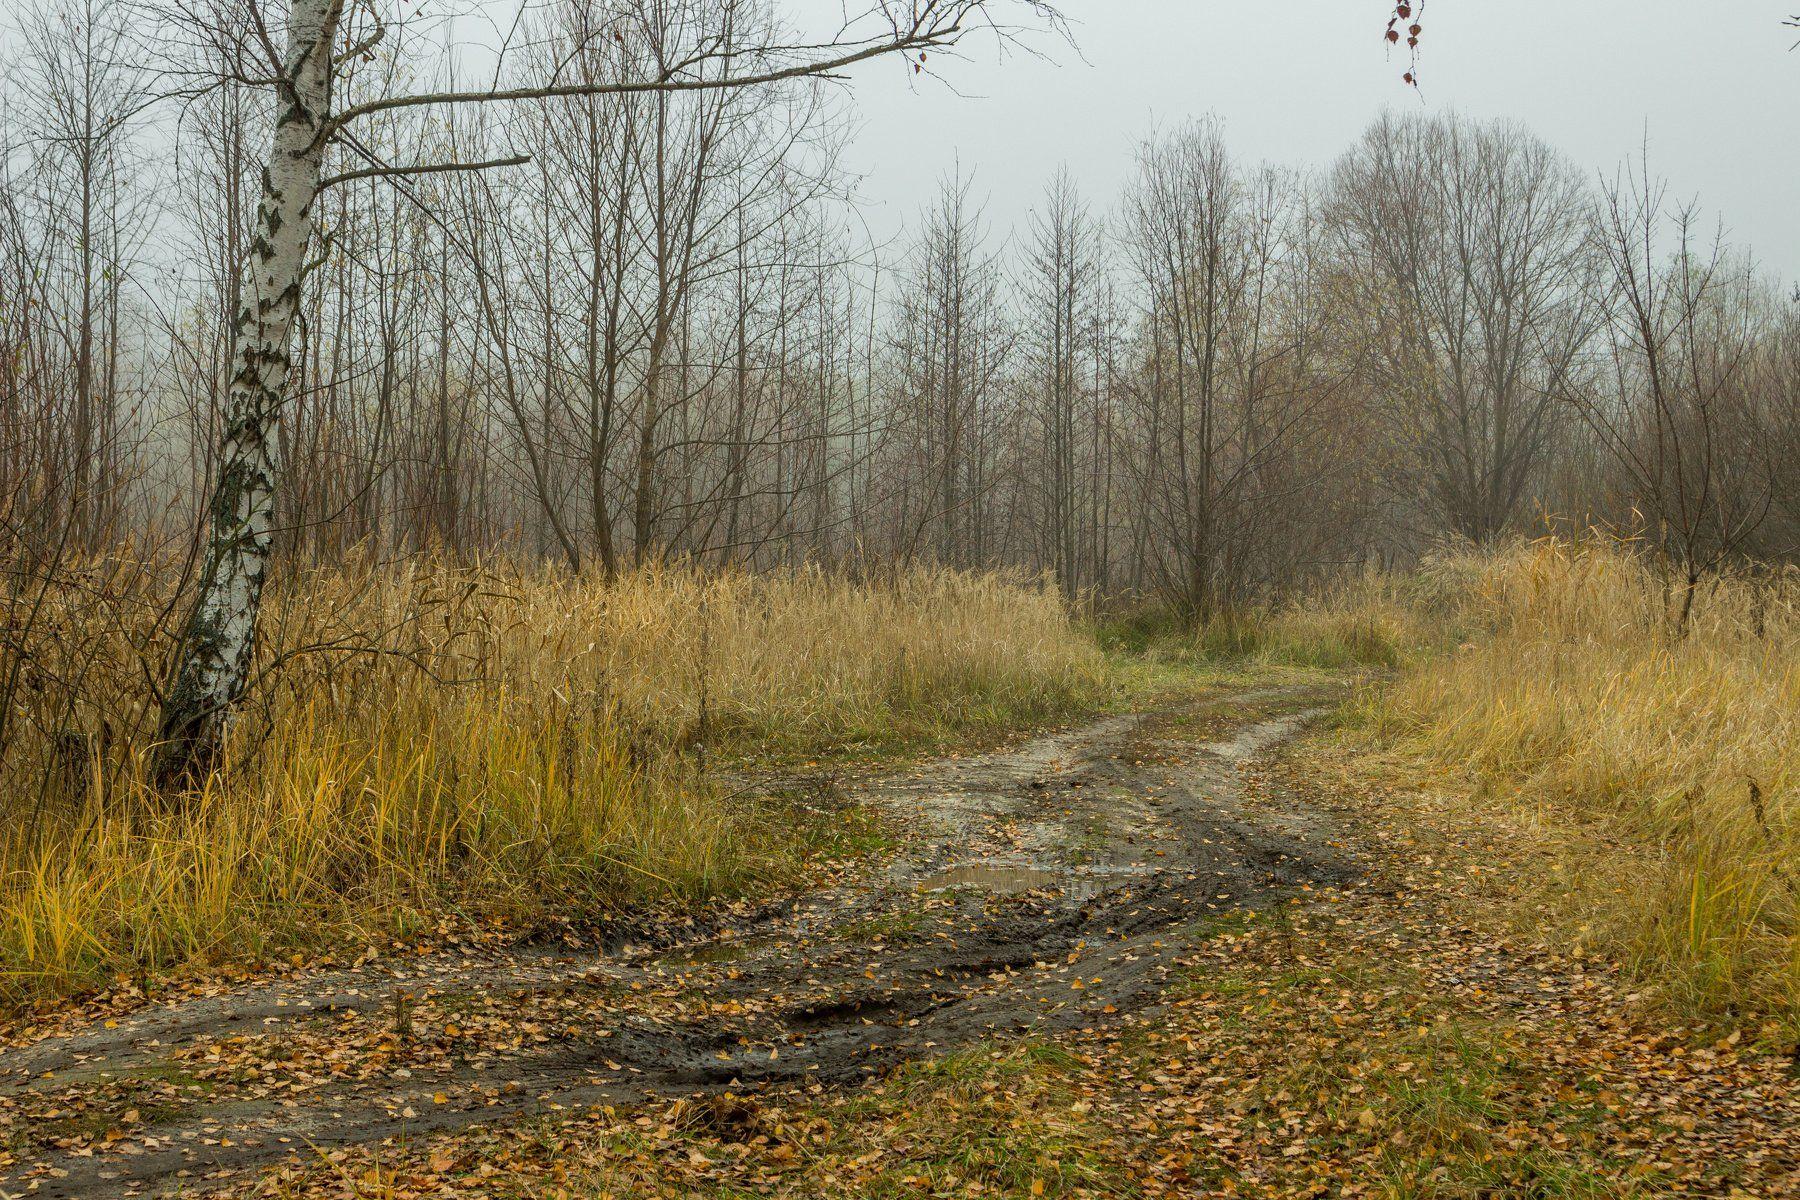 туман, осень, лужи, дорога, грязь, берёзы, Руслан Востриков